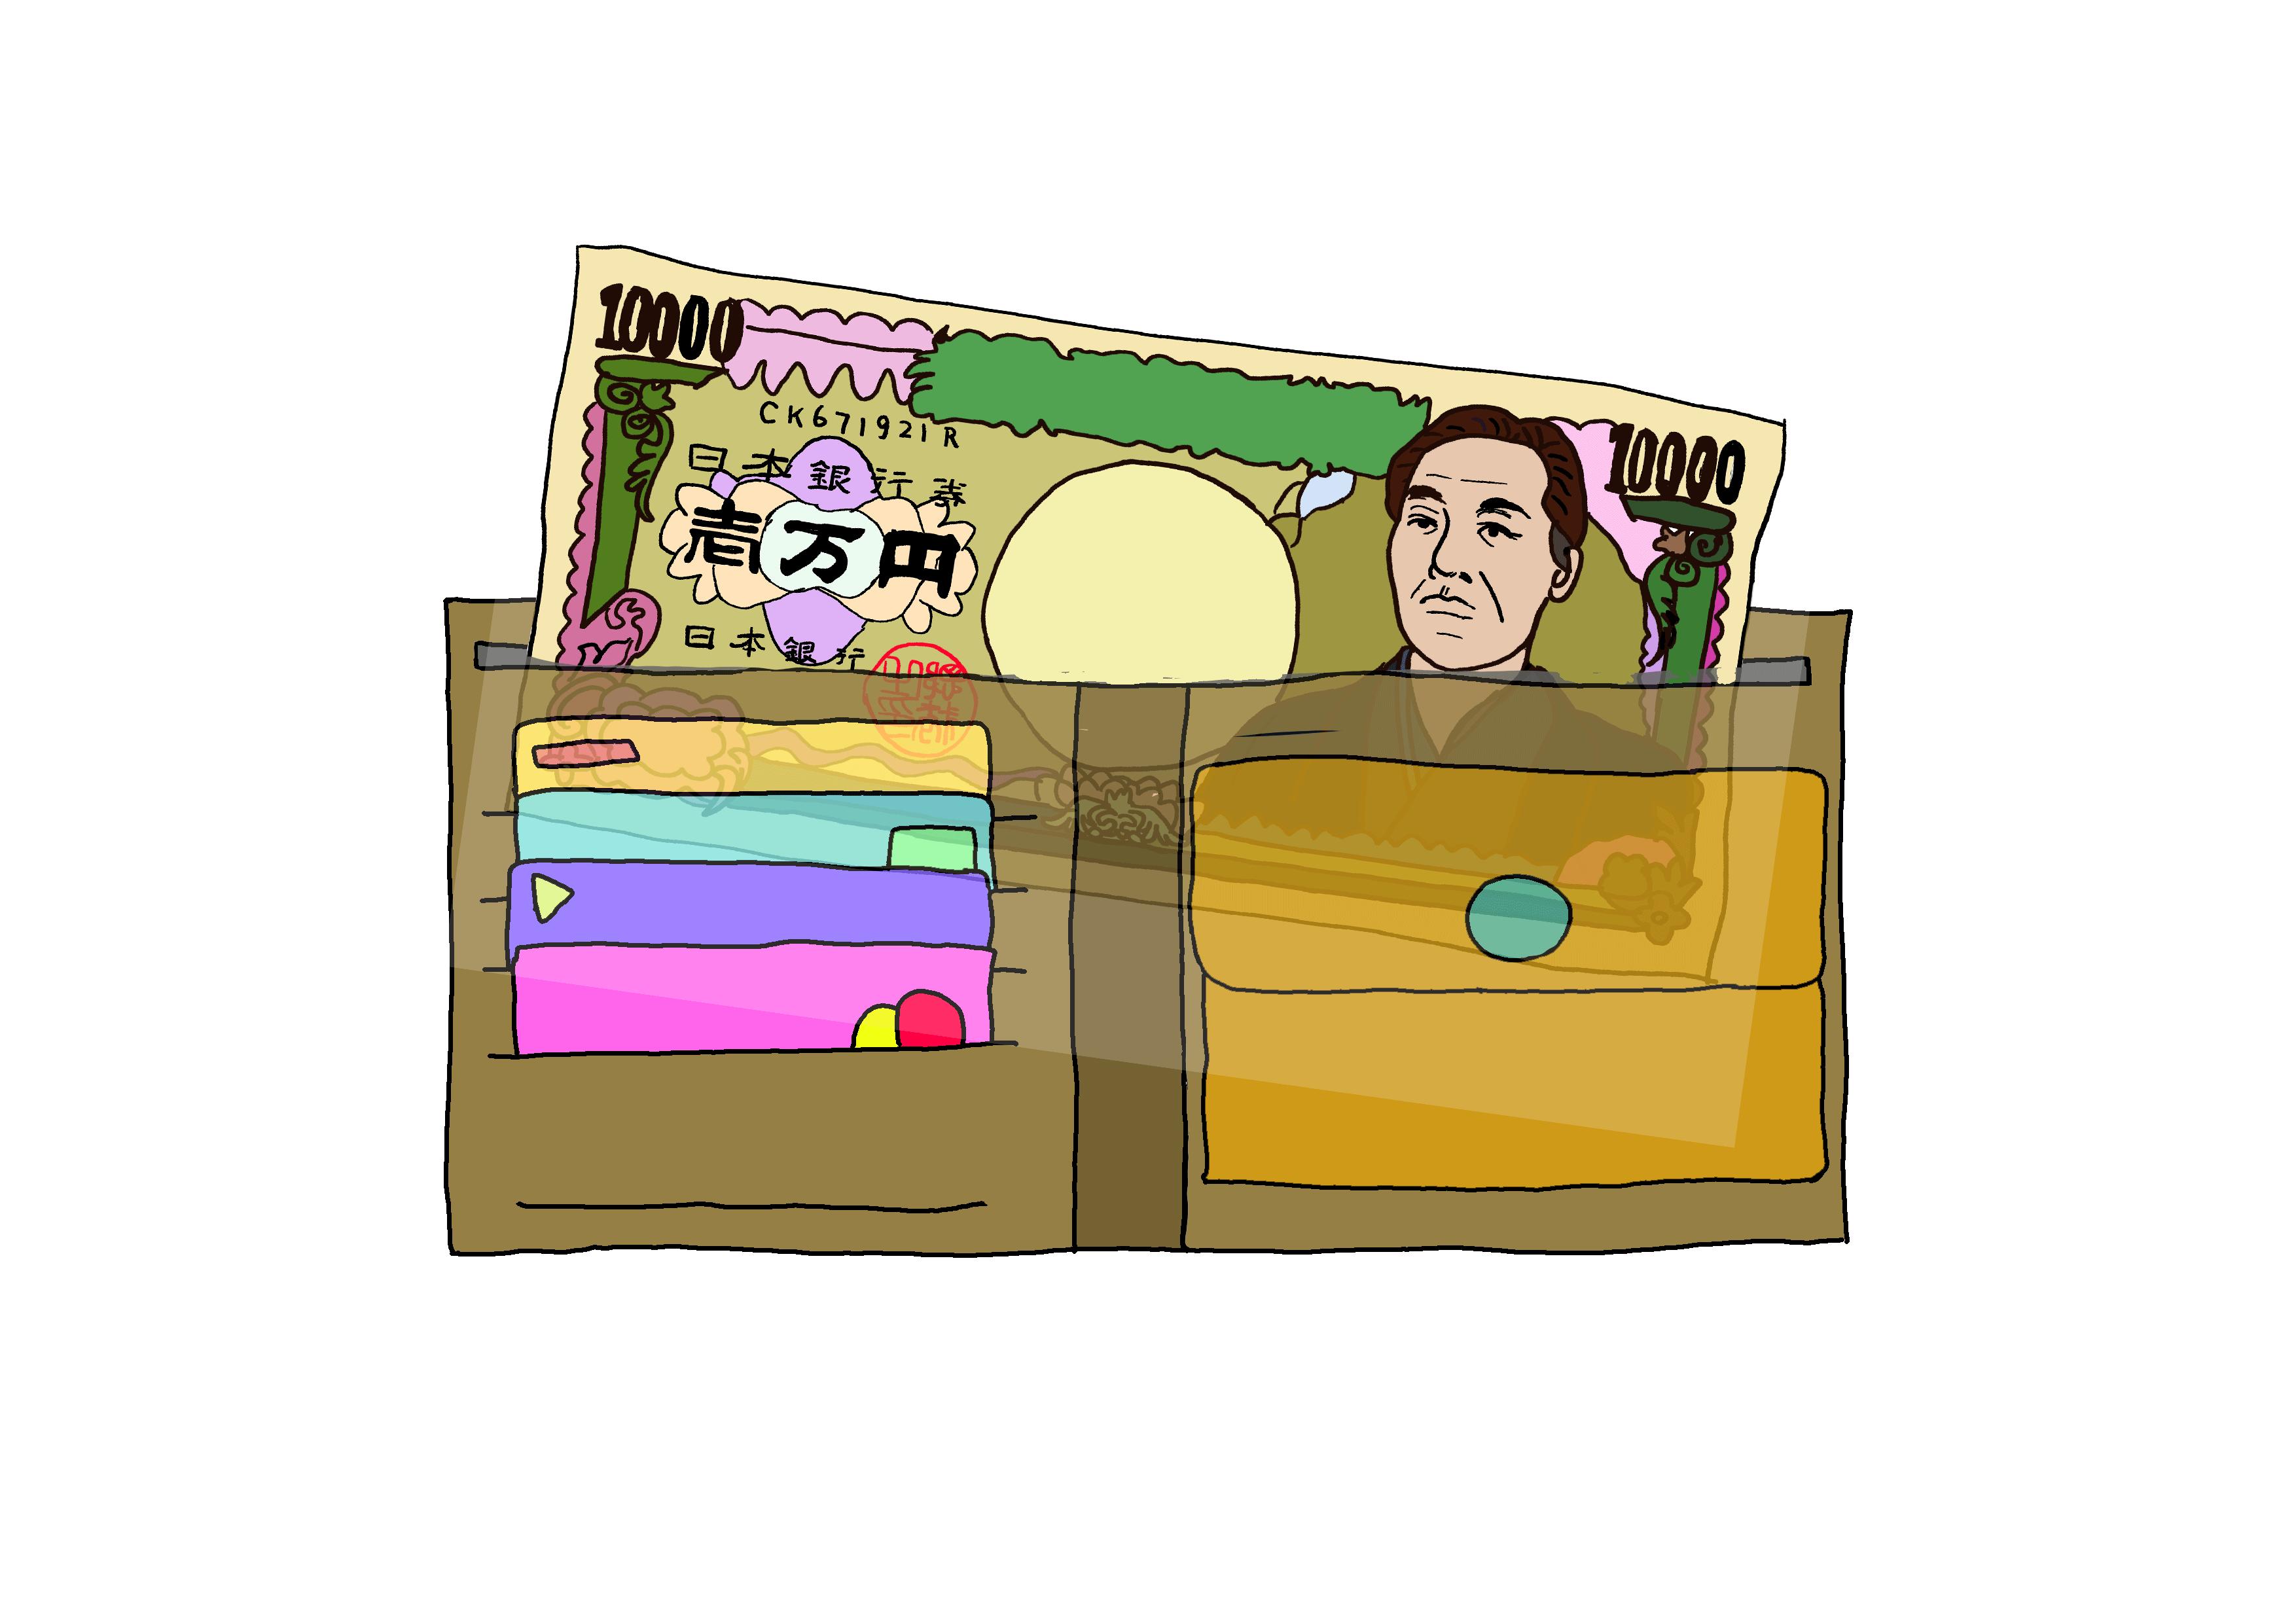 26課イラスト【財布】